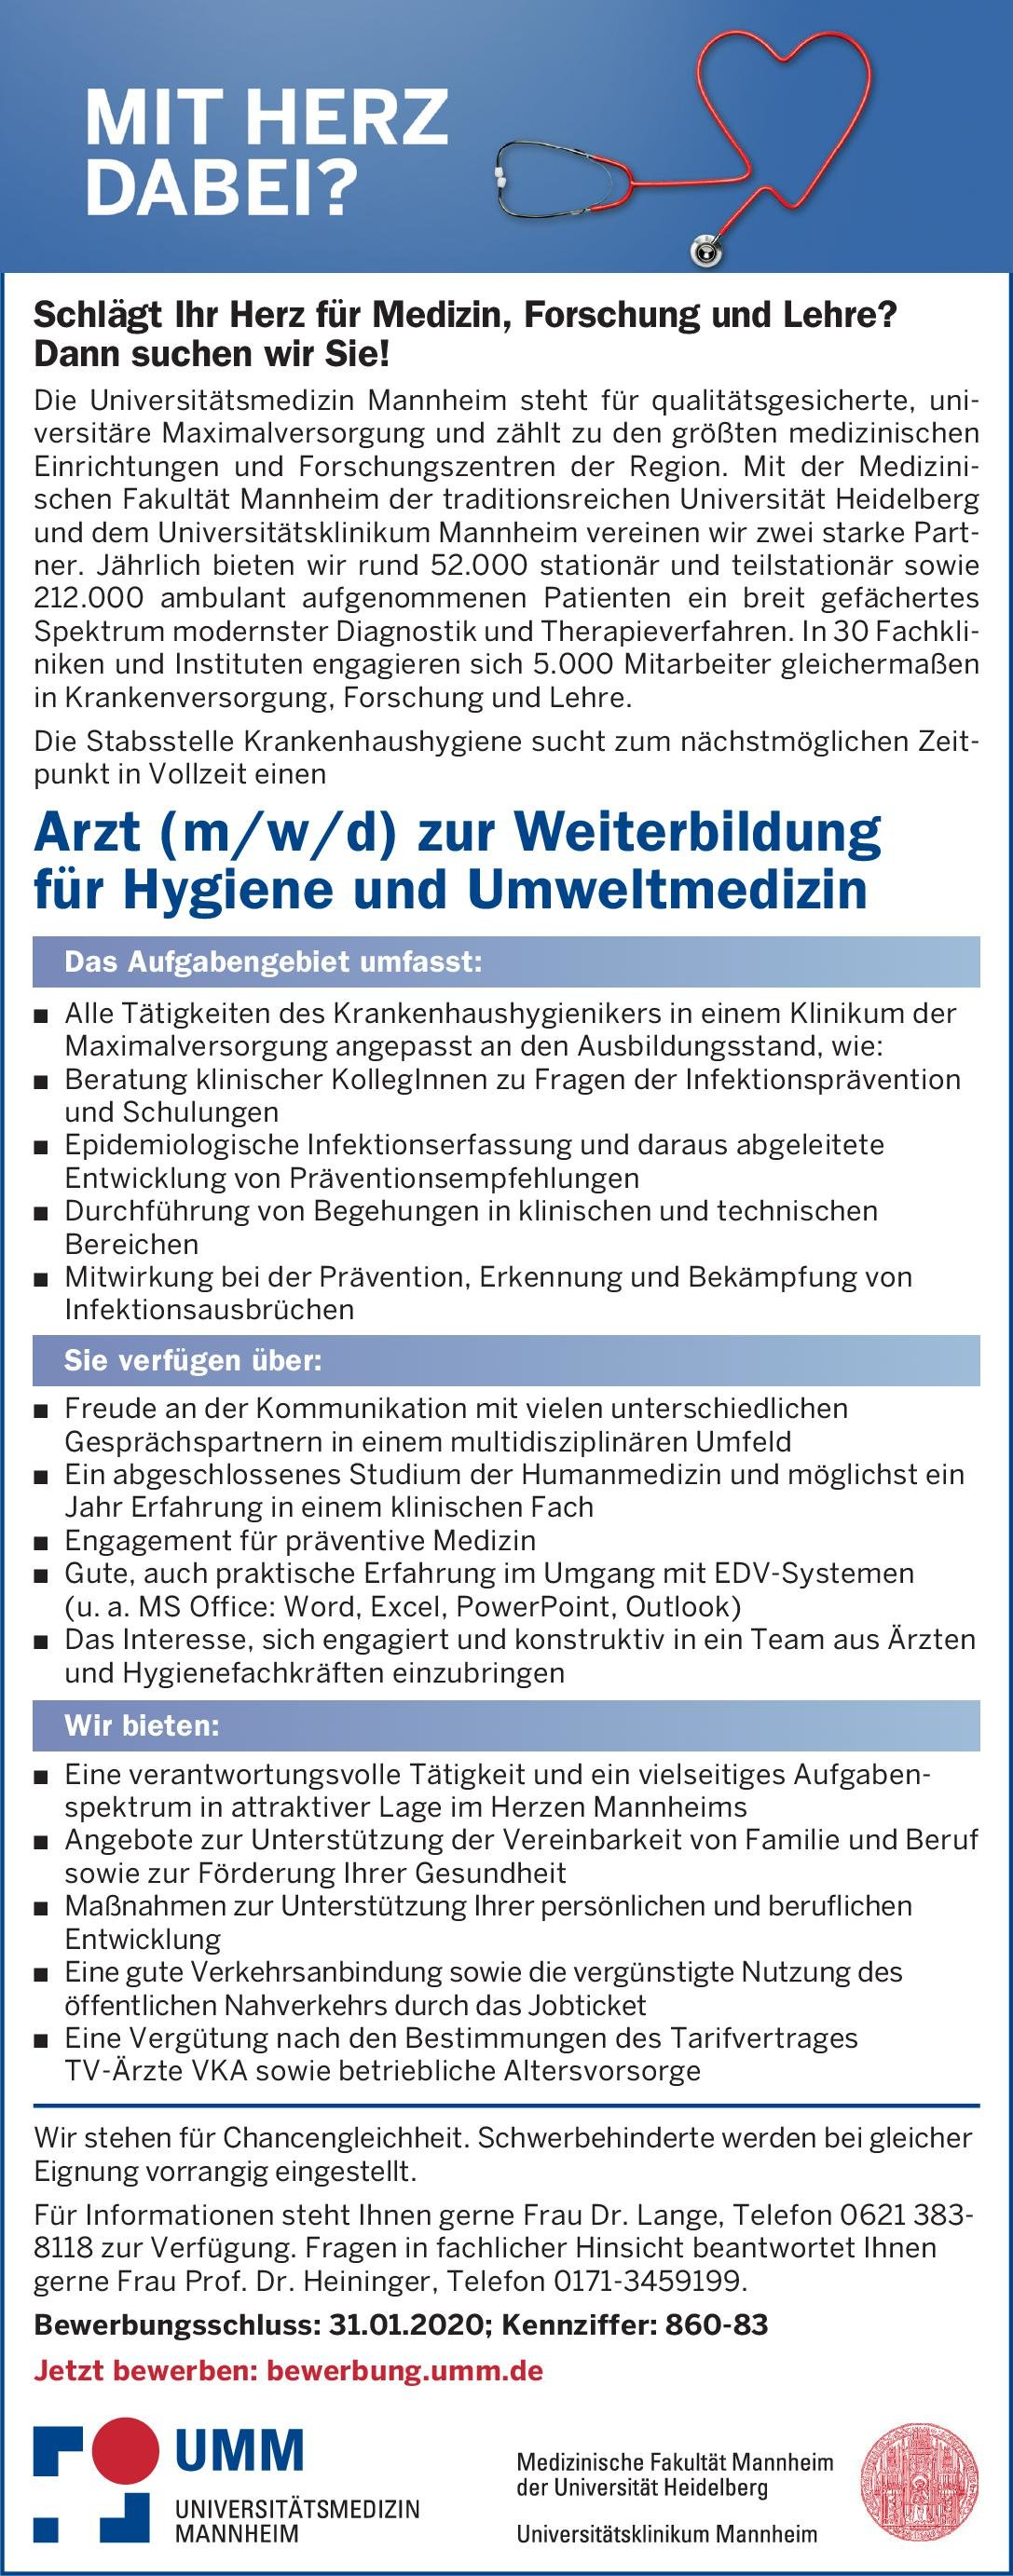 Universitätsmedizin Mannheim Arzt (m/w/d) zur Weiterbildung für Hygiene und Umweltmedizin Hygiene- und Umweltmedizin Assistenzarzt / Arzt in Weiterbildung